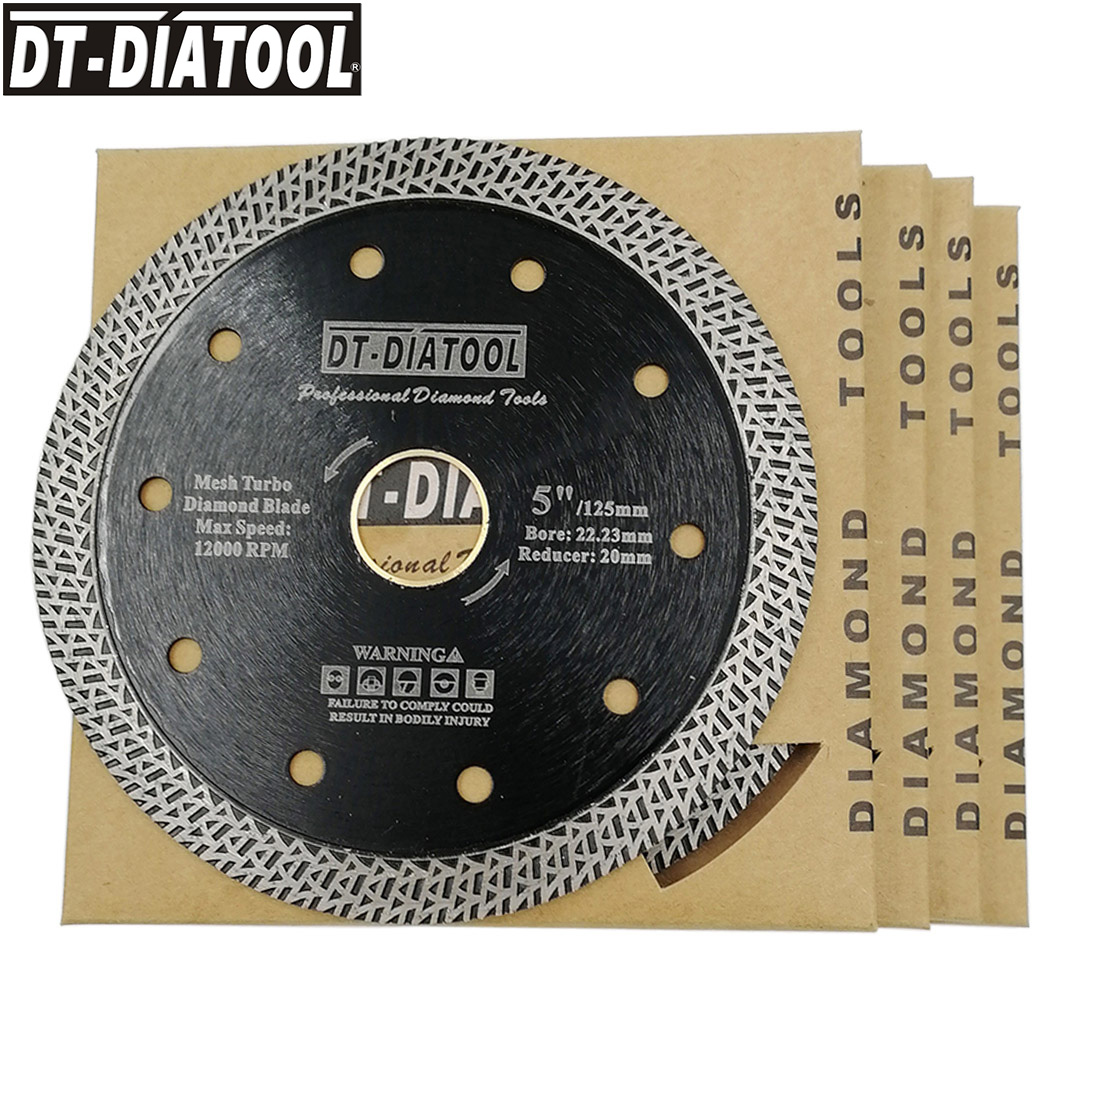 DT-DIATOOL 5pcs Diameter 5